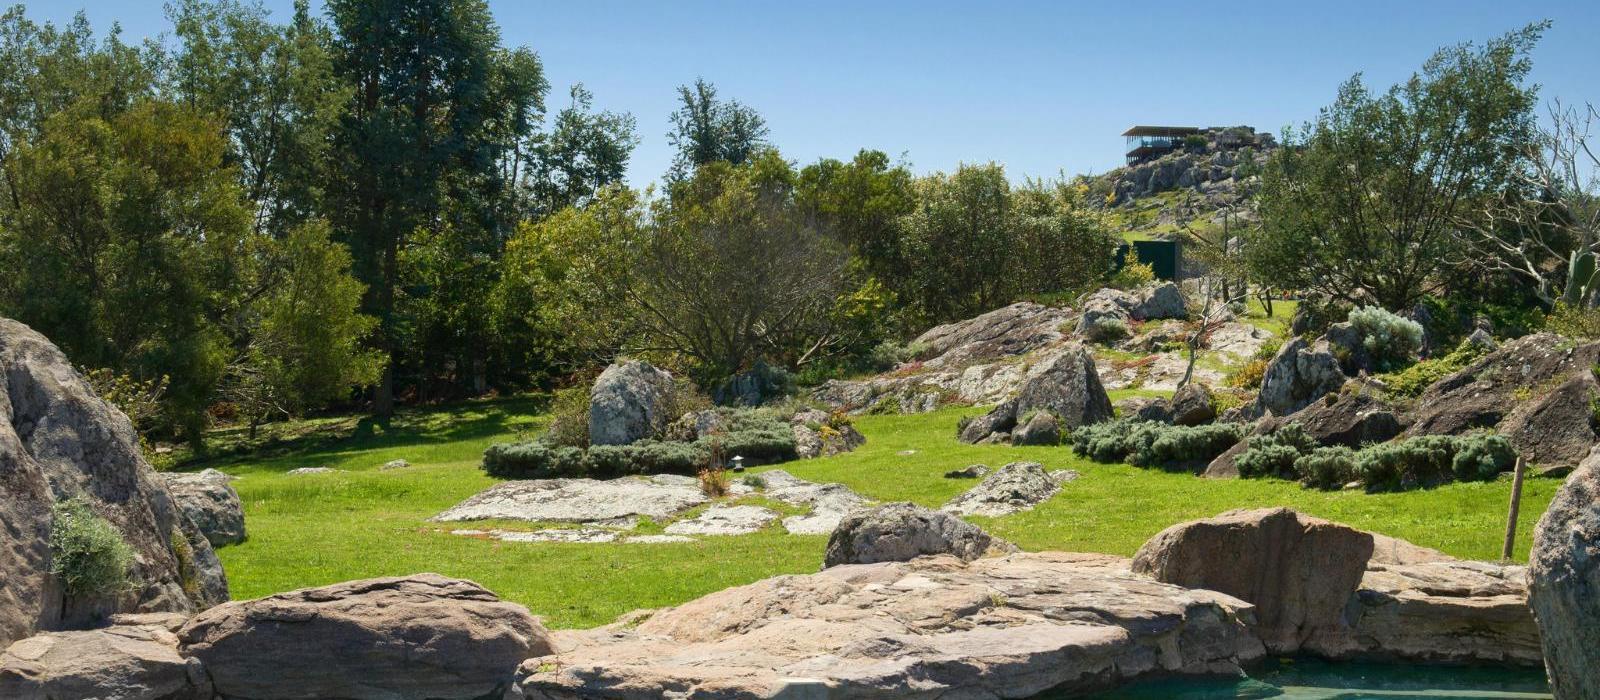 埃斯特角城法萨诺酒店(Hotel Fasano Punta del Este) 图片  www.lhw.cn